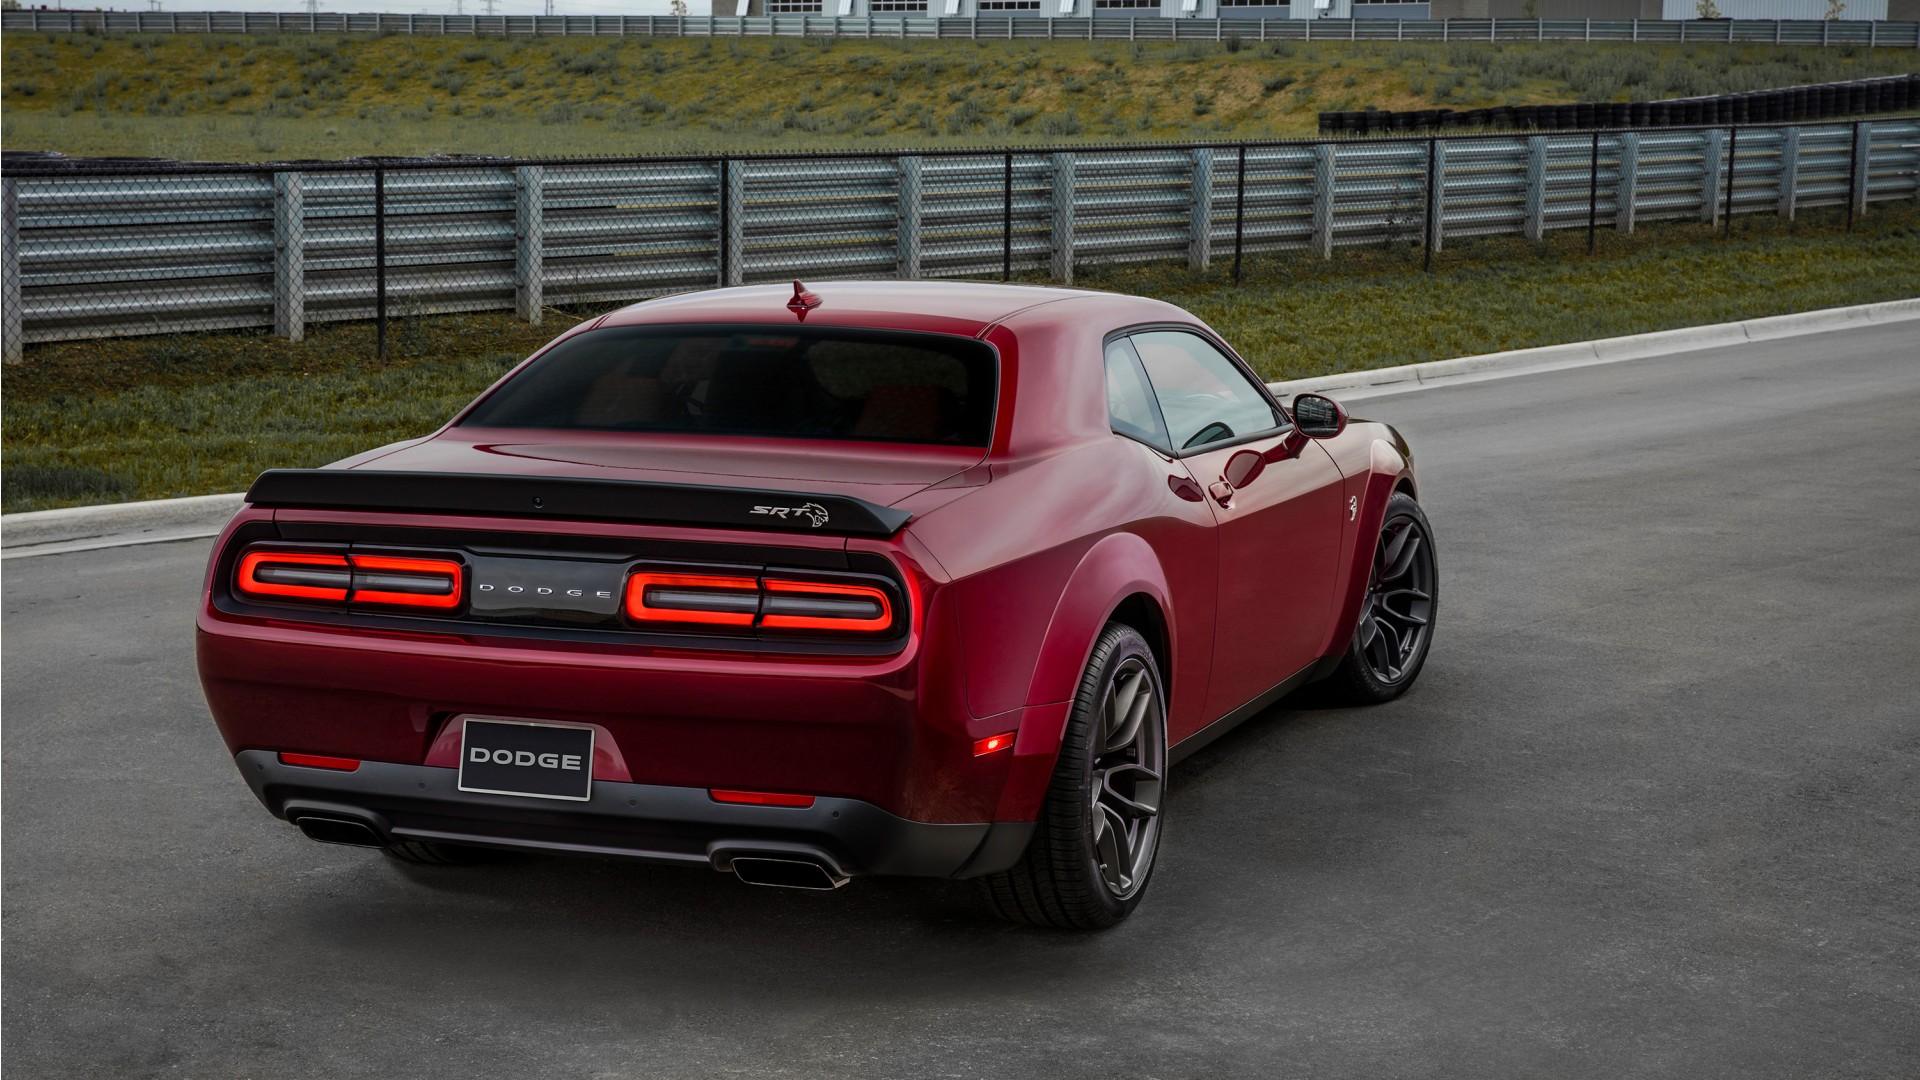 2018 Dodge Challenger SRT Hellcat Widebody 2 Wallpaper ...